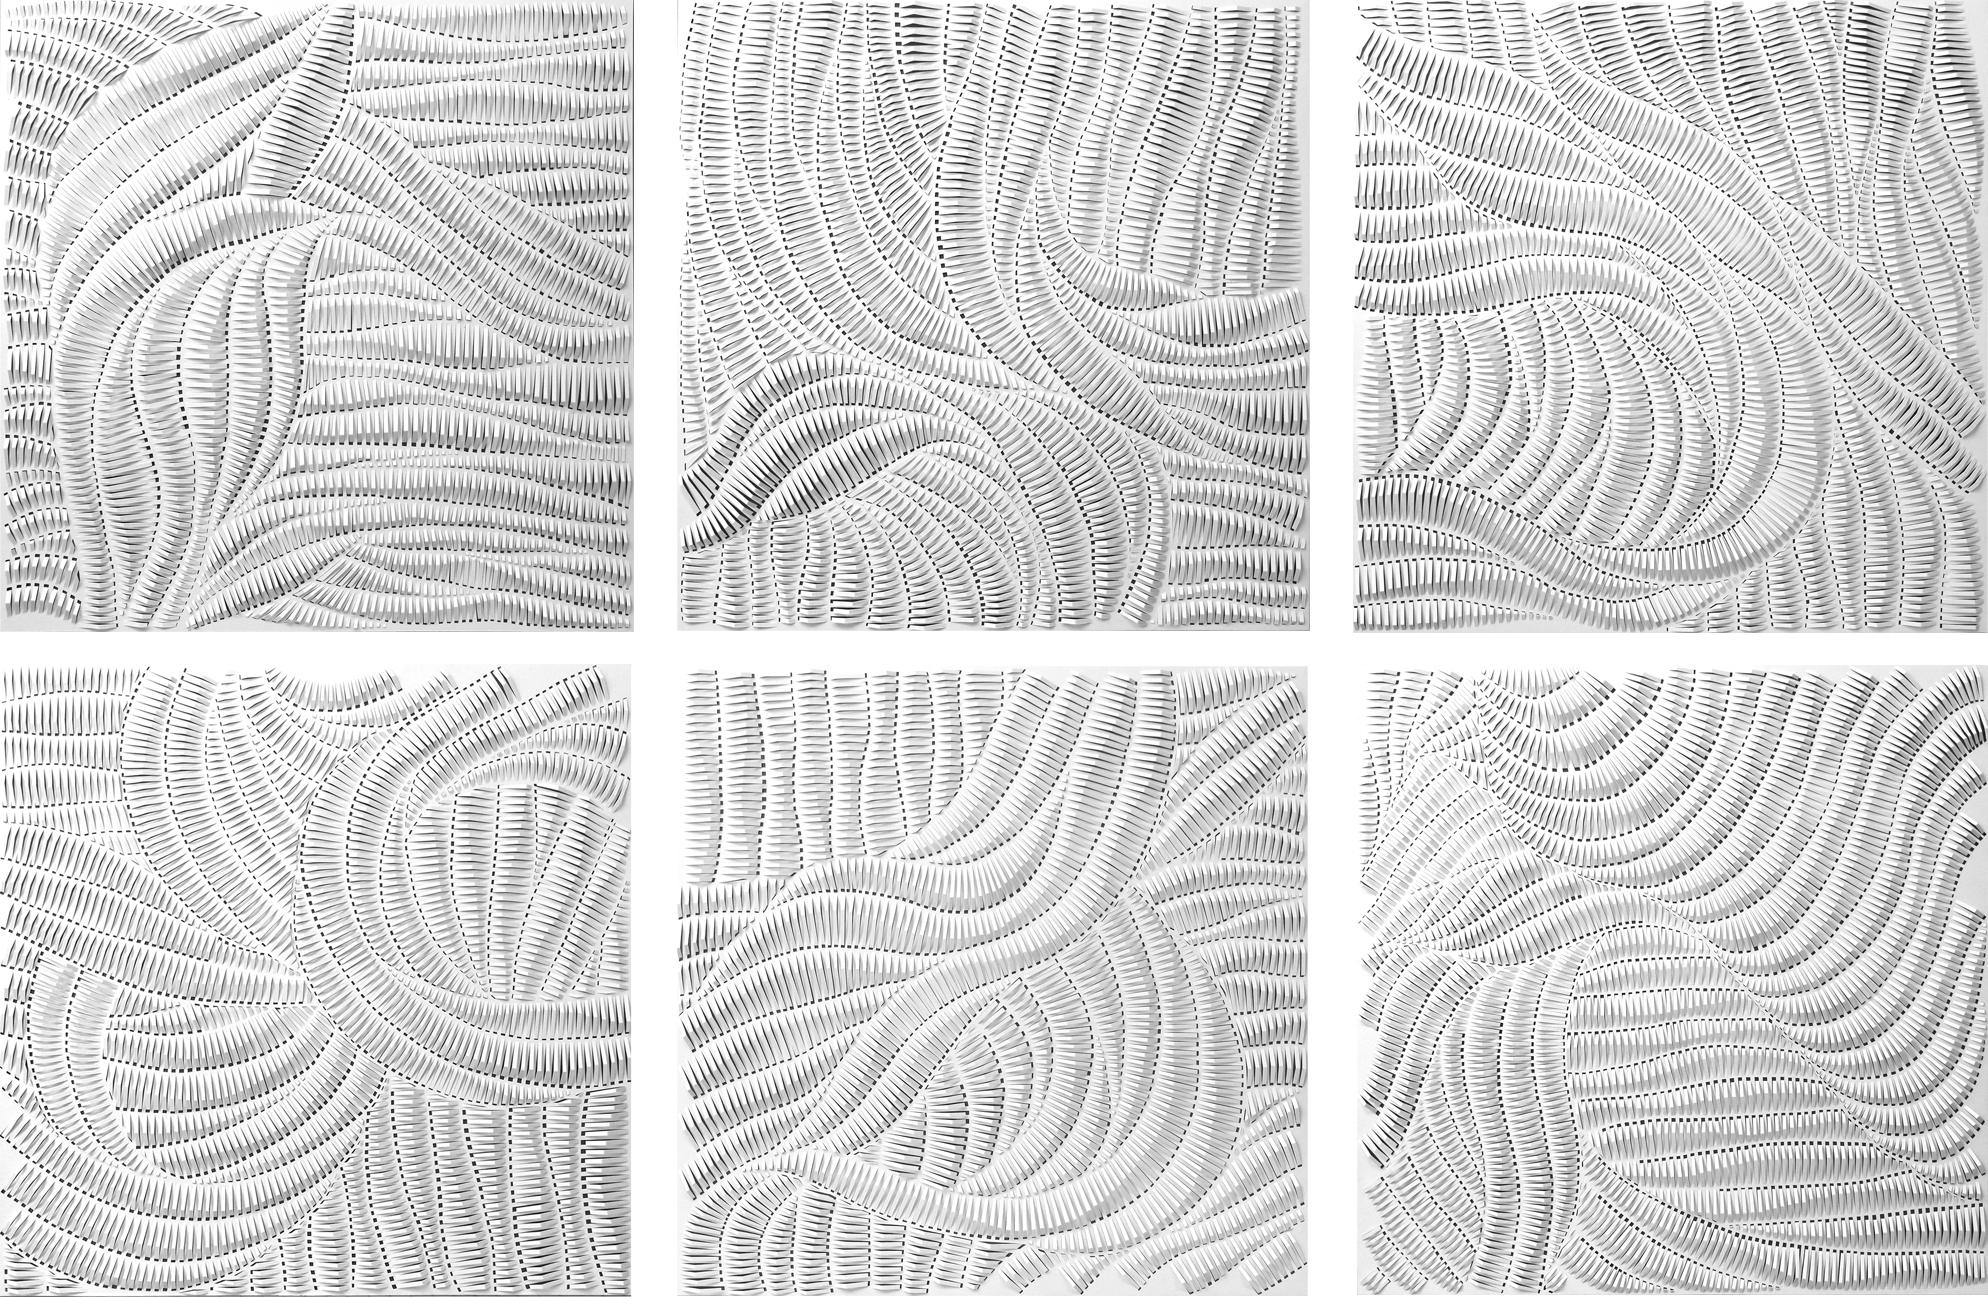 Rachel Doniger (American, b. 1979). Infinity I-VI, 2016. Cut Paper Reliefs. © Rachel Doniger